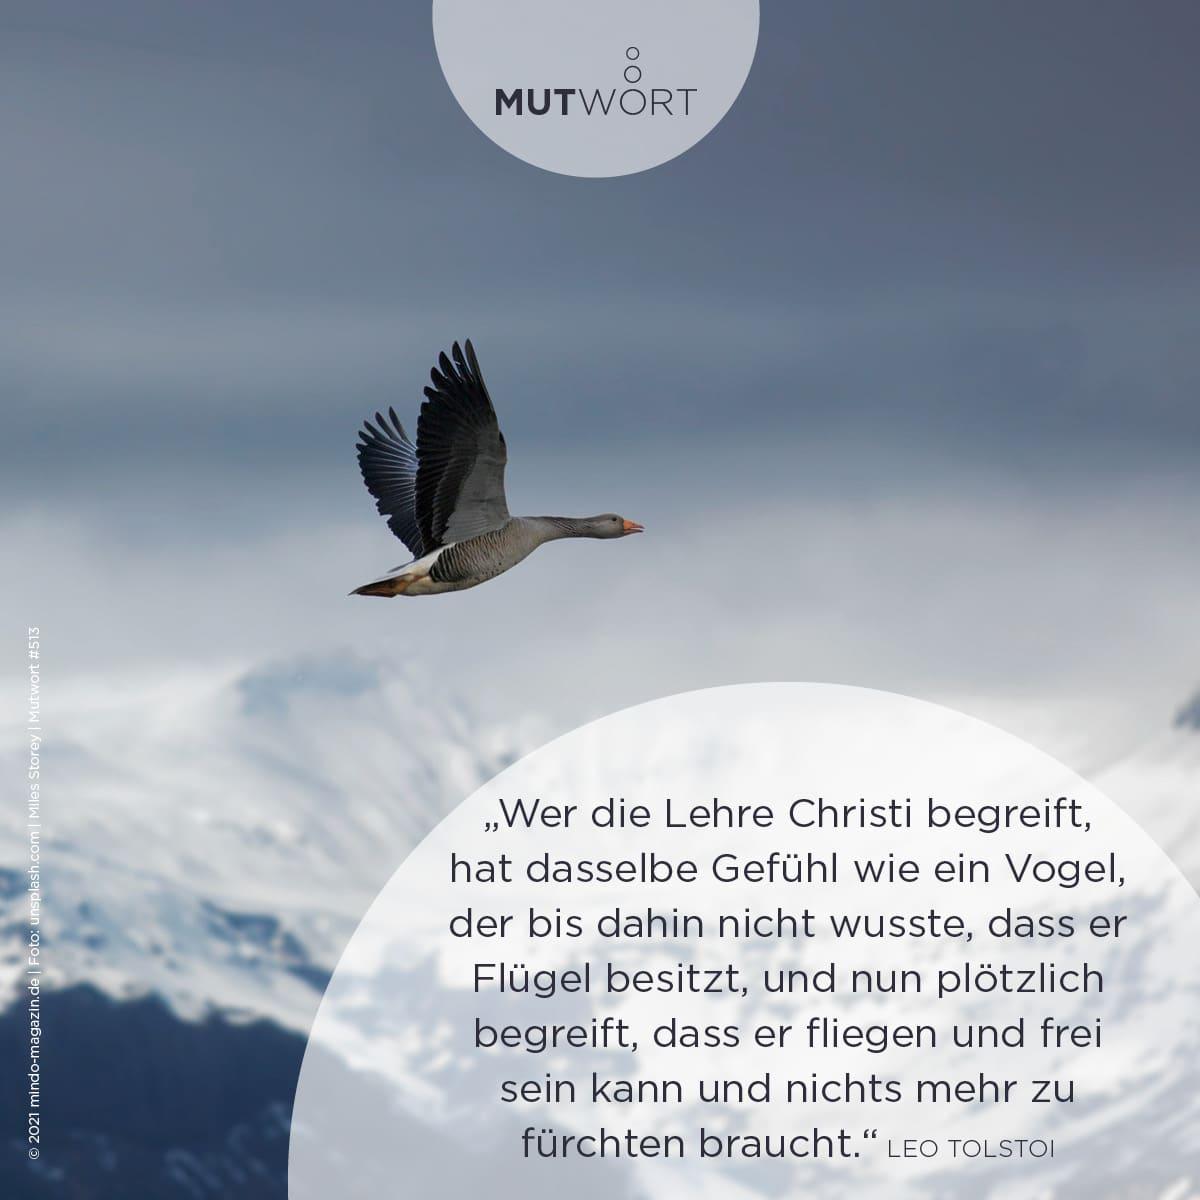 """""""Wer die Lehre Christi begreift, hat dasselbe Gefühl wie ein Vogel, der bis dahin nicht wusste, dass er Flügel besitzt, und nun plötzlich begreift, dass er fliegen und frei sein und nichts mehr zu fürchten braucht."""" – Leo Tolstoi"""